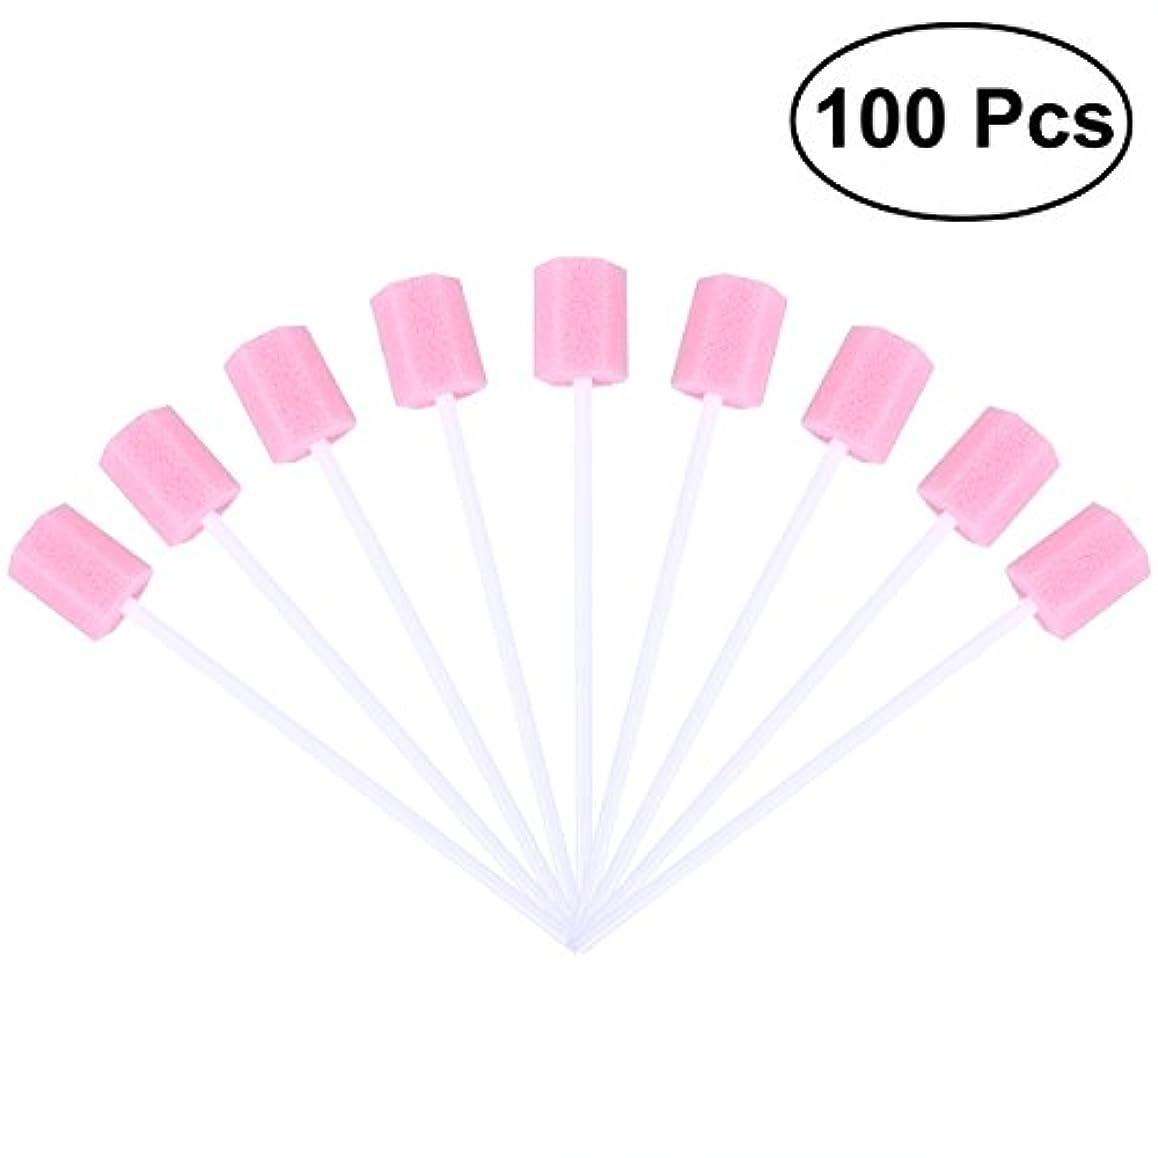 領事館ゲインセイ器官ROSENICE 使い捨て口腔ケアスポンジスワブ歯口洗浄スワブ100個(ピンク)